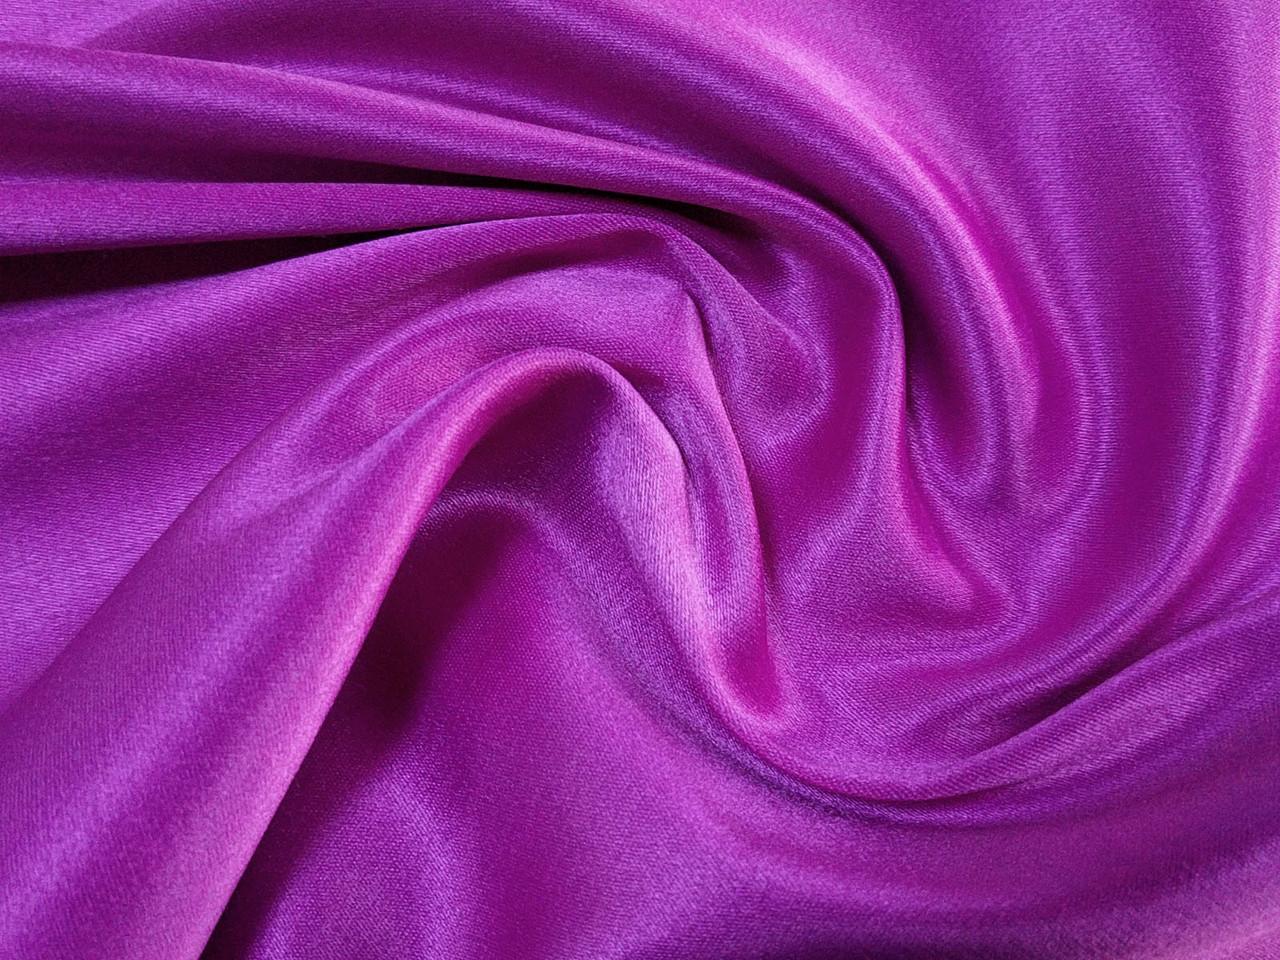 Атлас на основе йорк, фиолетовый